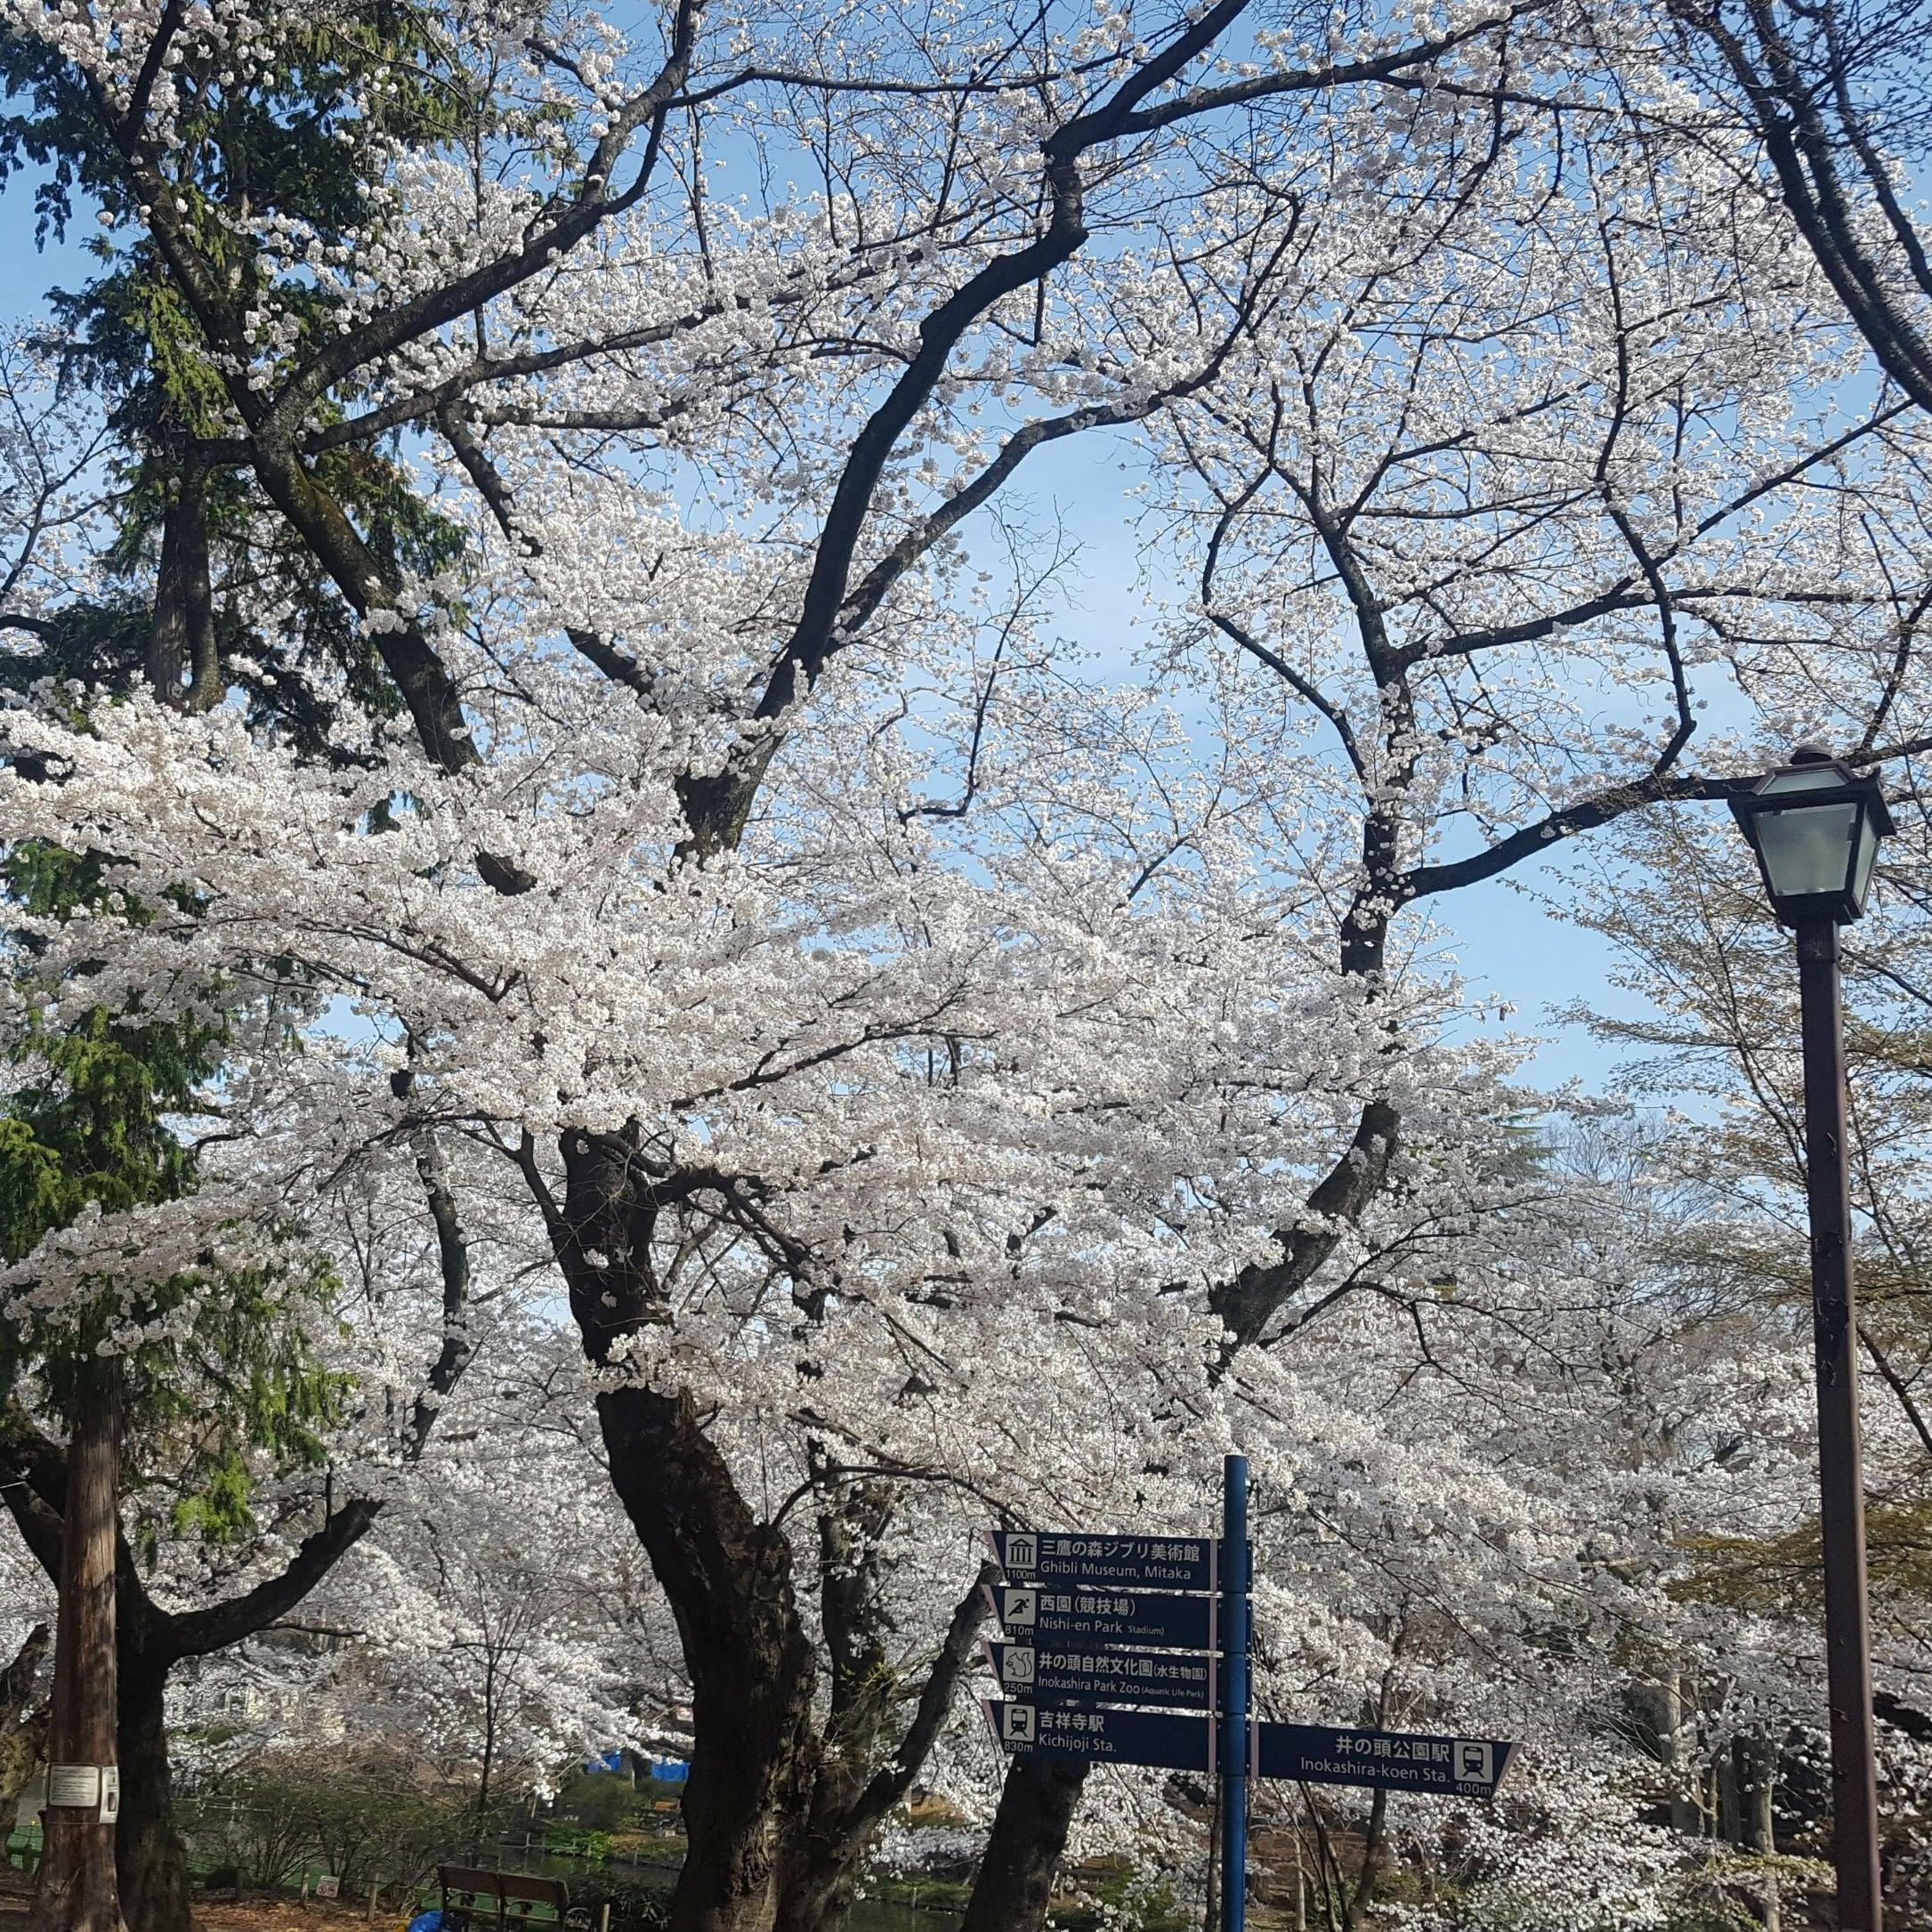 4/7(土)19:30~溜池山王桜の季節食事スイーツ付き交流イベント20名限定のイメージその1